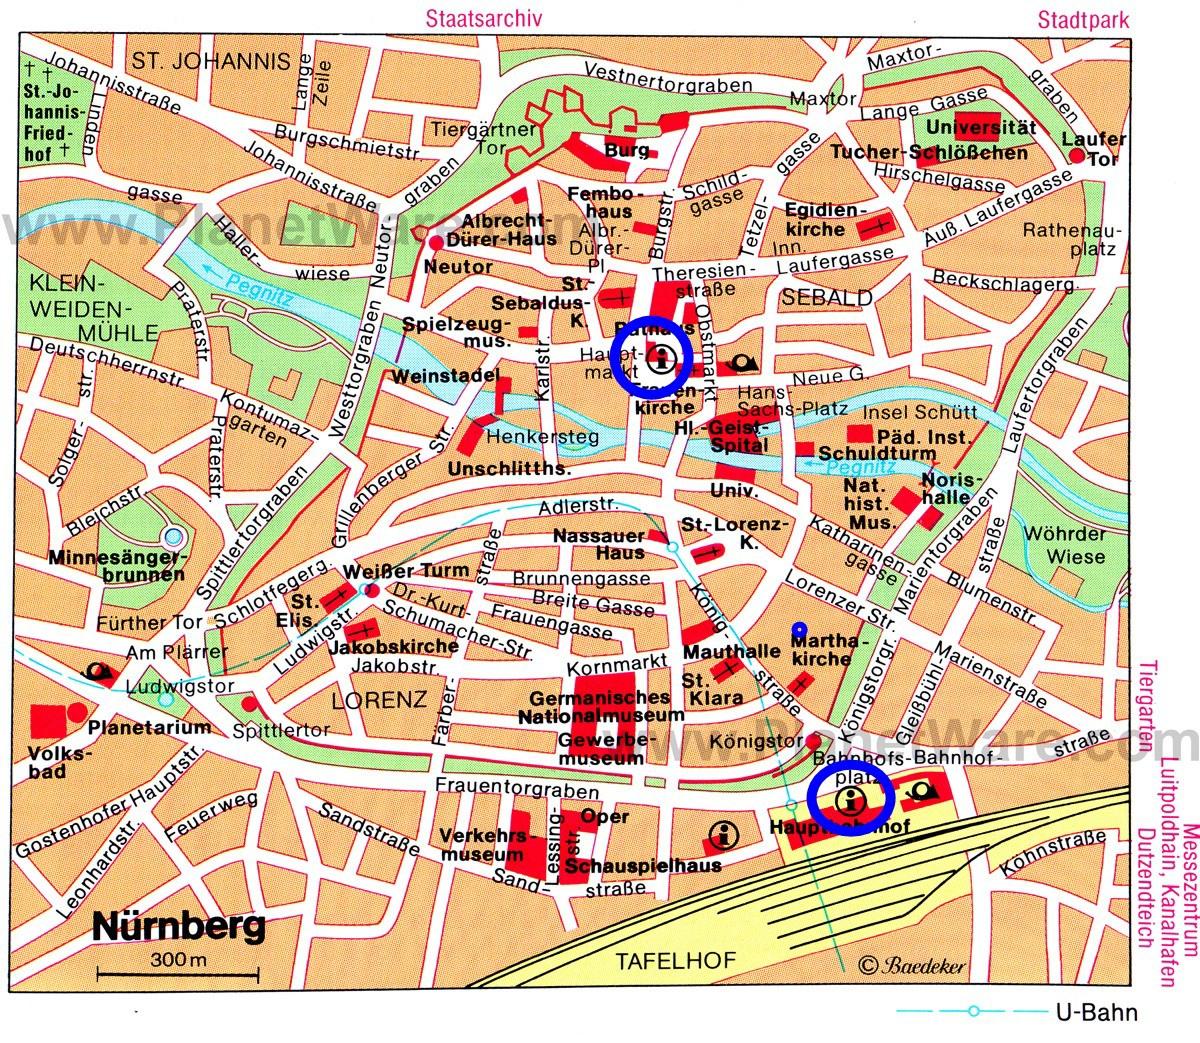 0905紐倫堡地圖